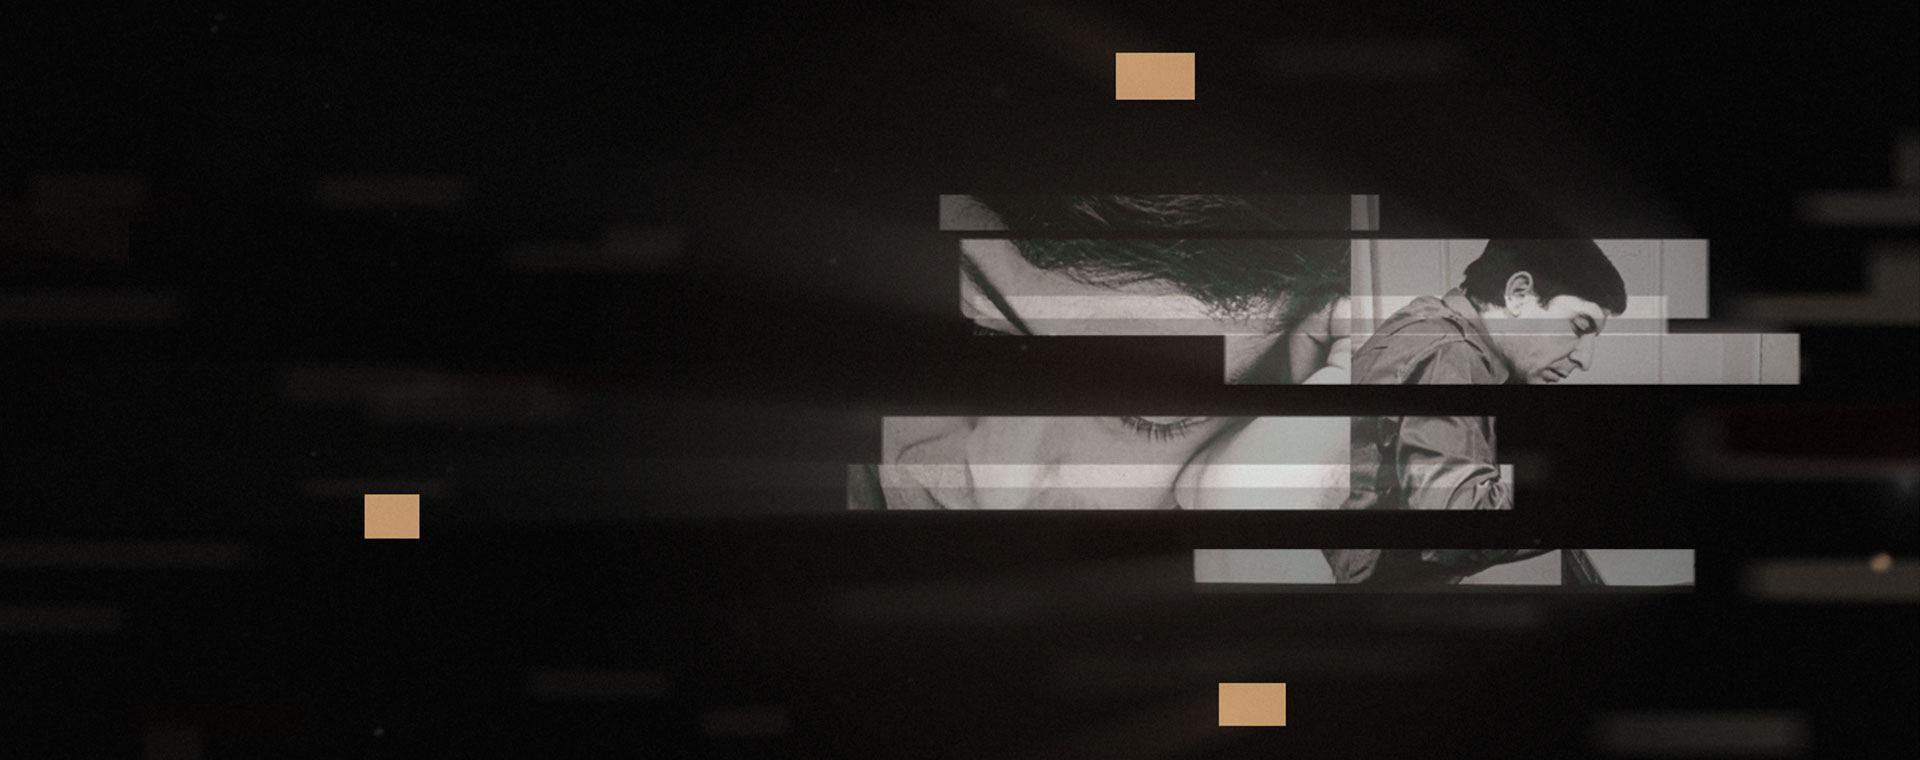 Image couleur. Sur un fond noir, deux images noir et blanc superposées de Leonard Cohen en plan rapproché.